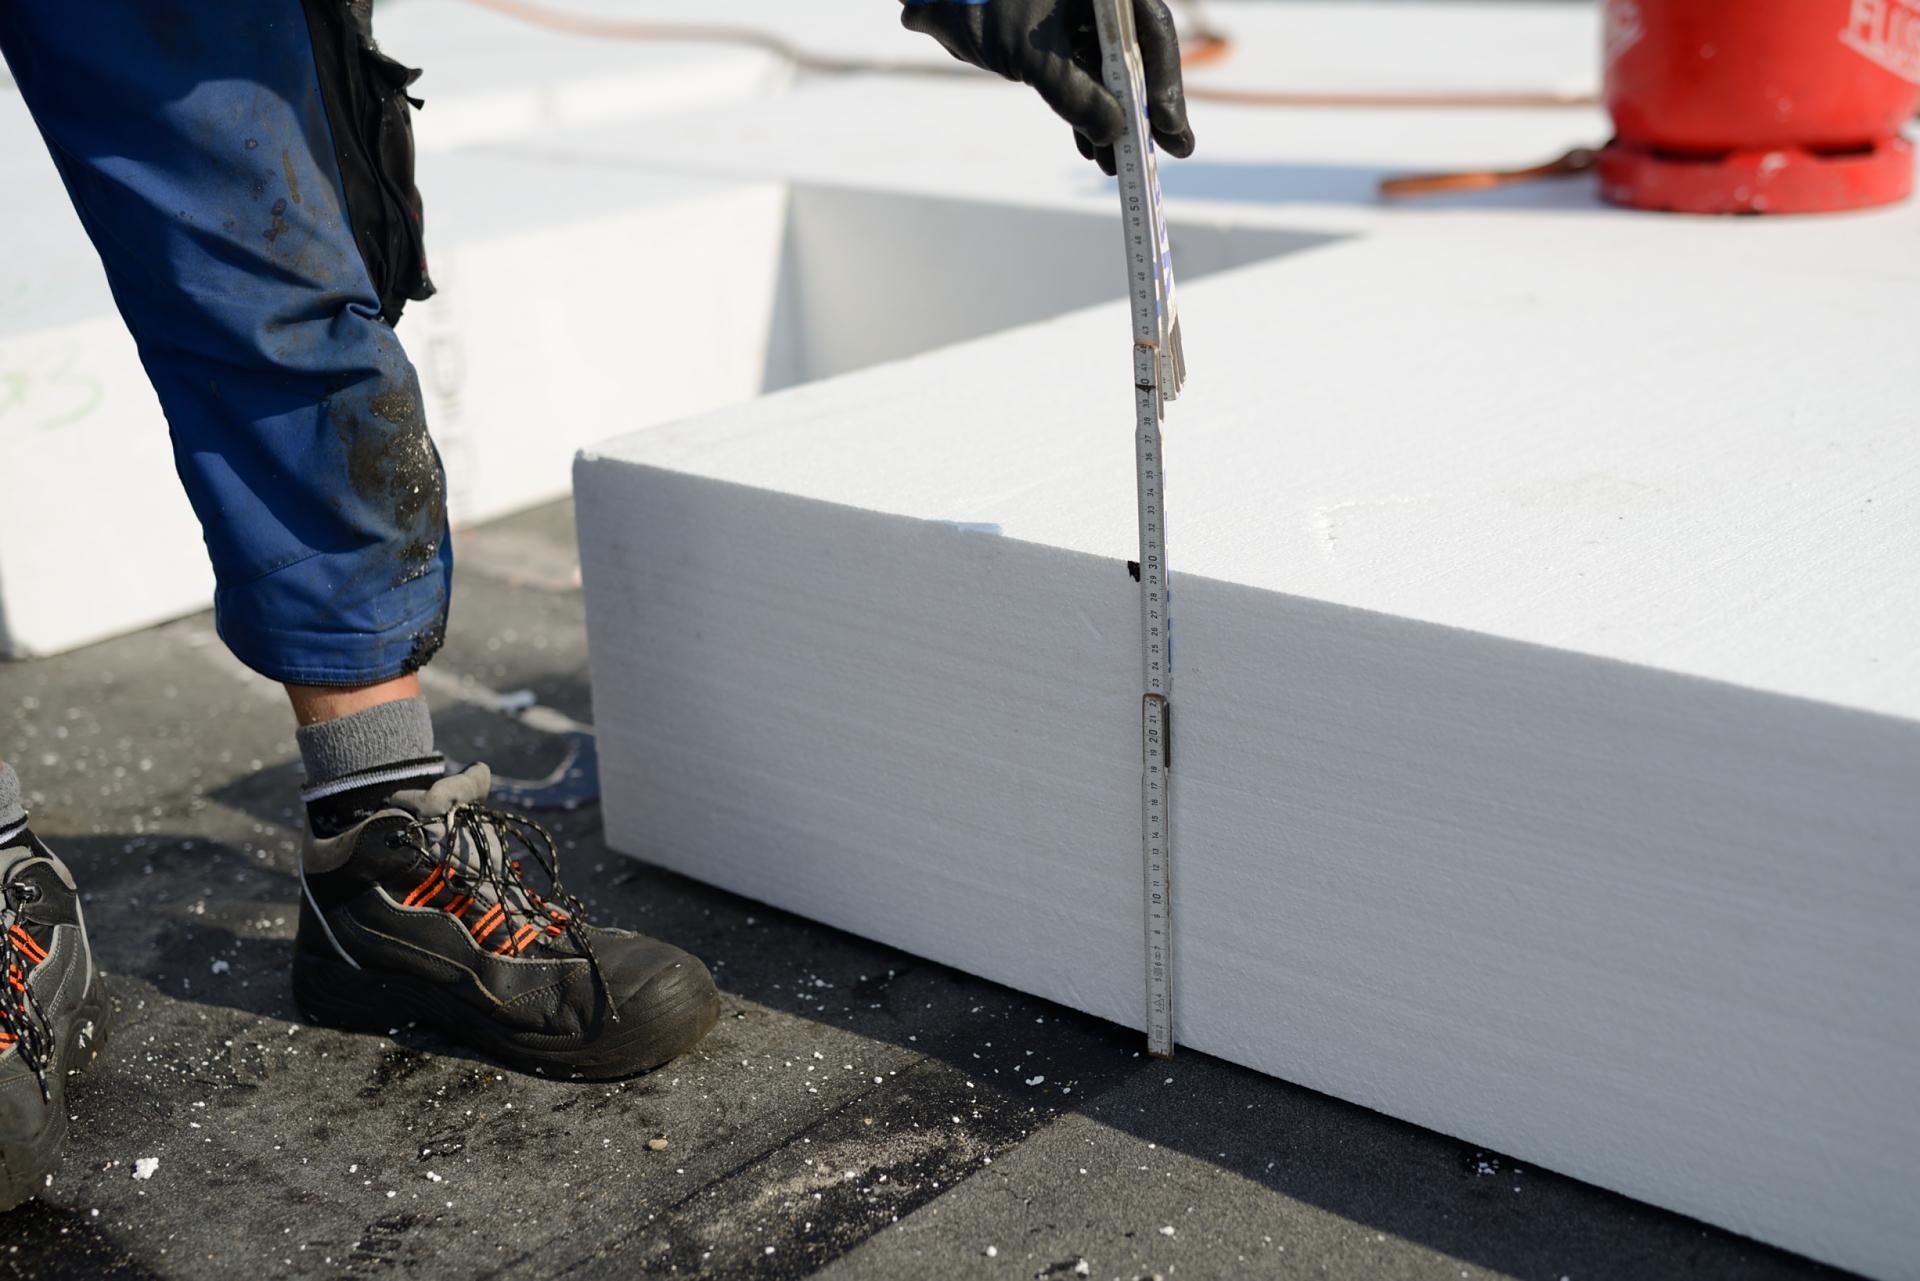 flachdach reparieren flachdach undicht abdichten flachdach abdichten flachdach dach b ttcher. Black Bedroom Furniture Sets. Home Design Ideas